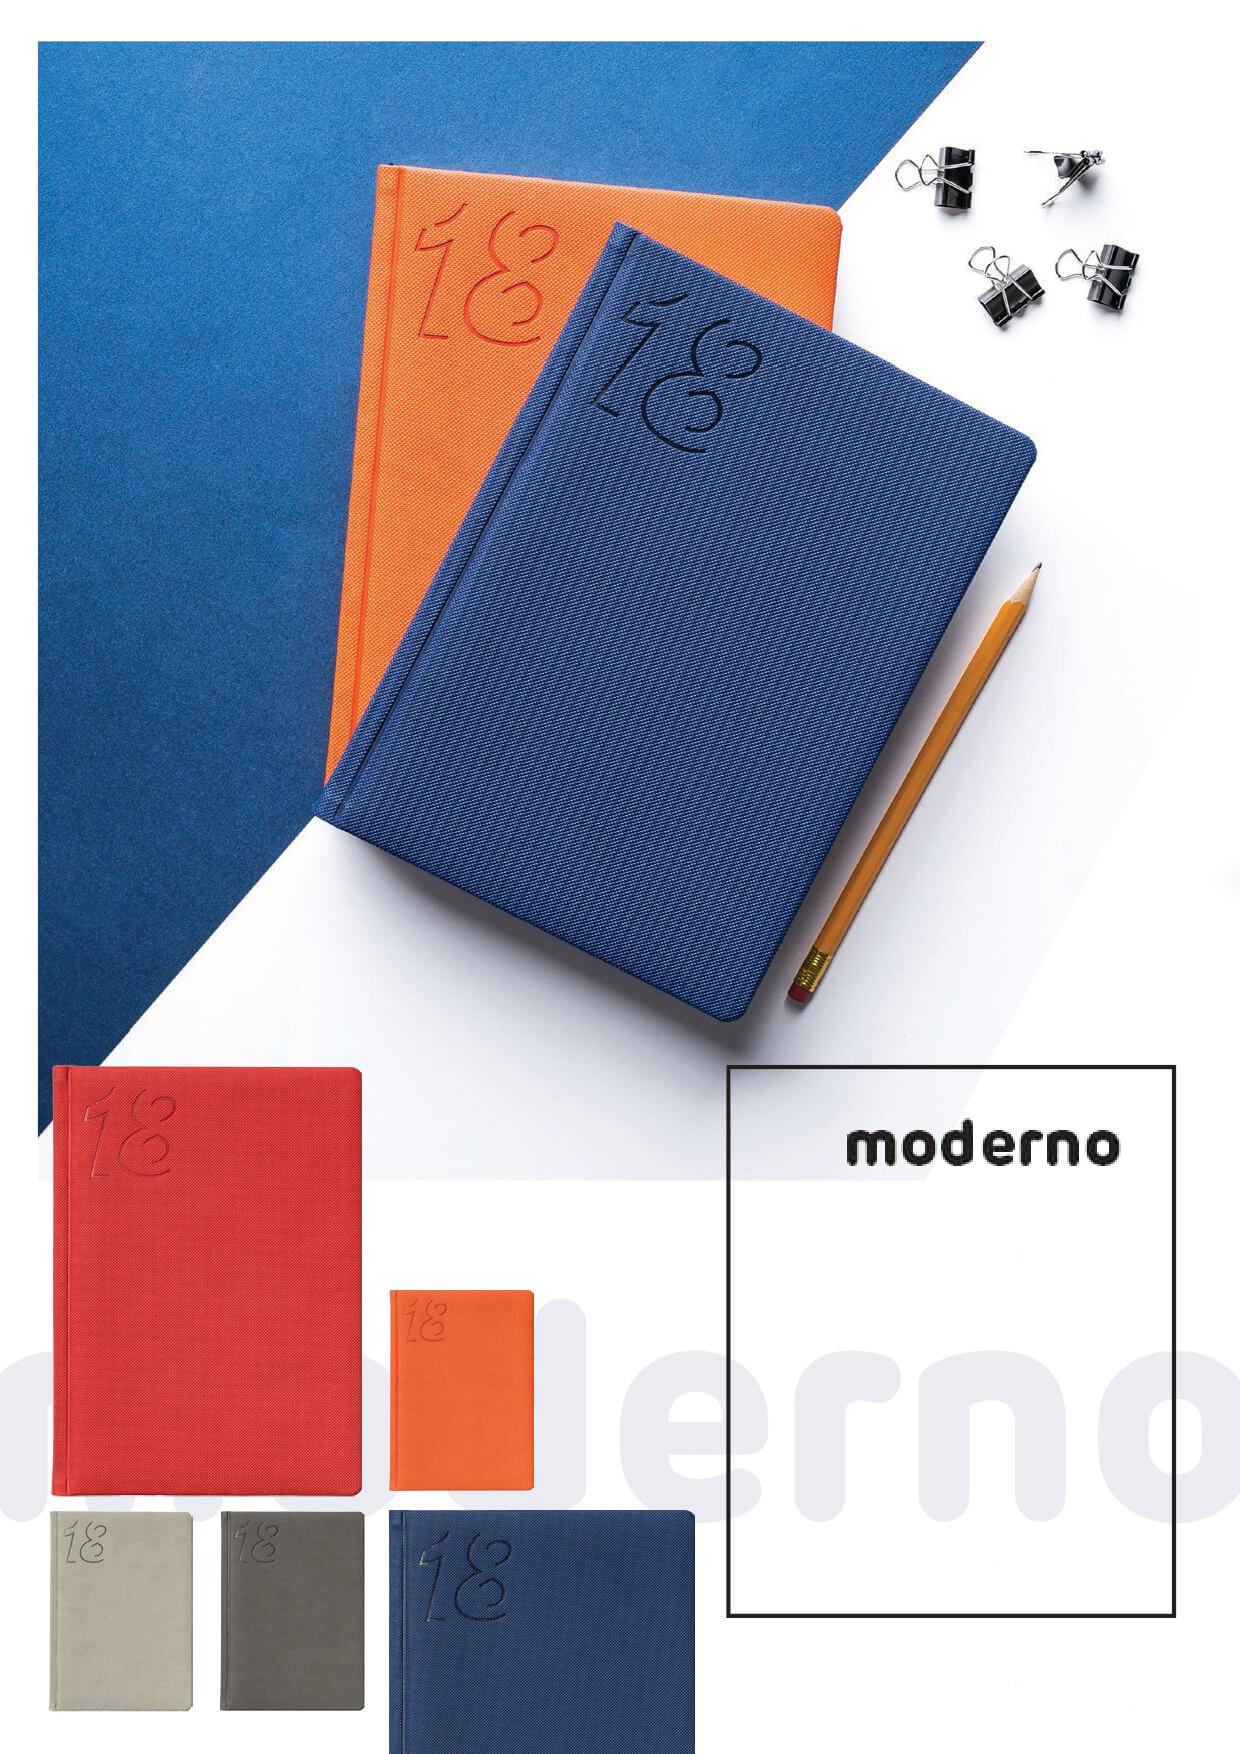 Kalendarze książkowe na 2018 rok / oprawa moderno